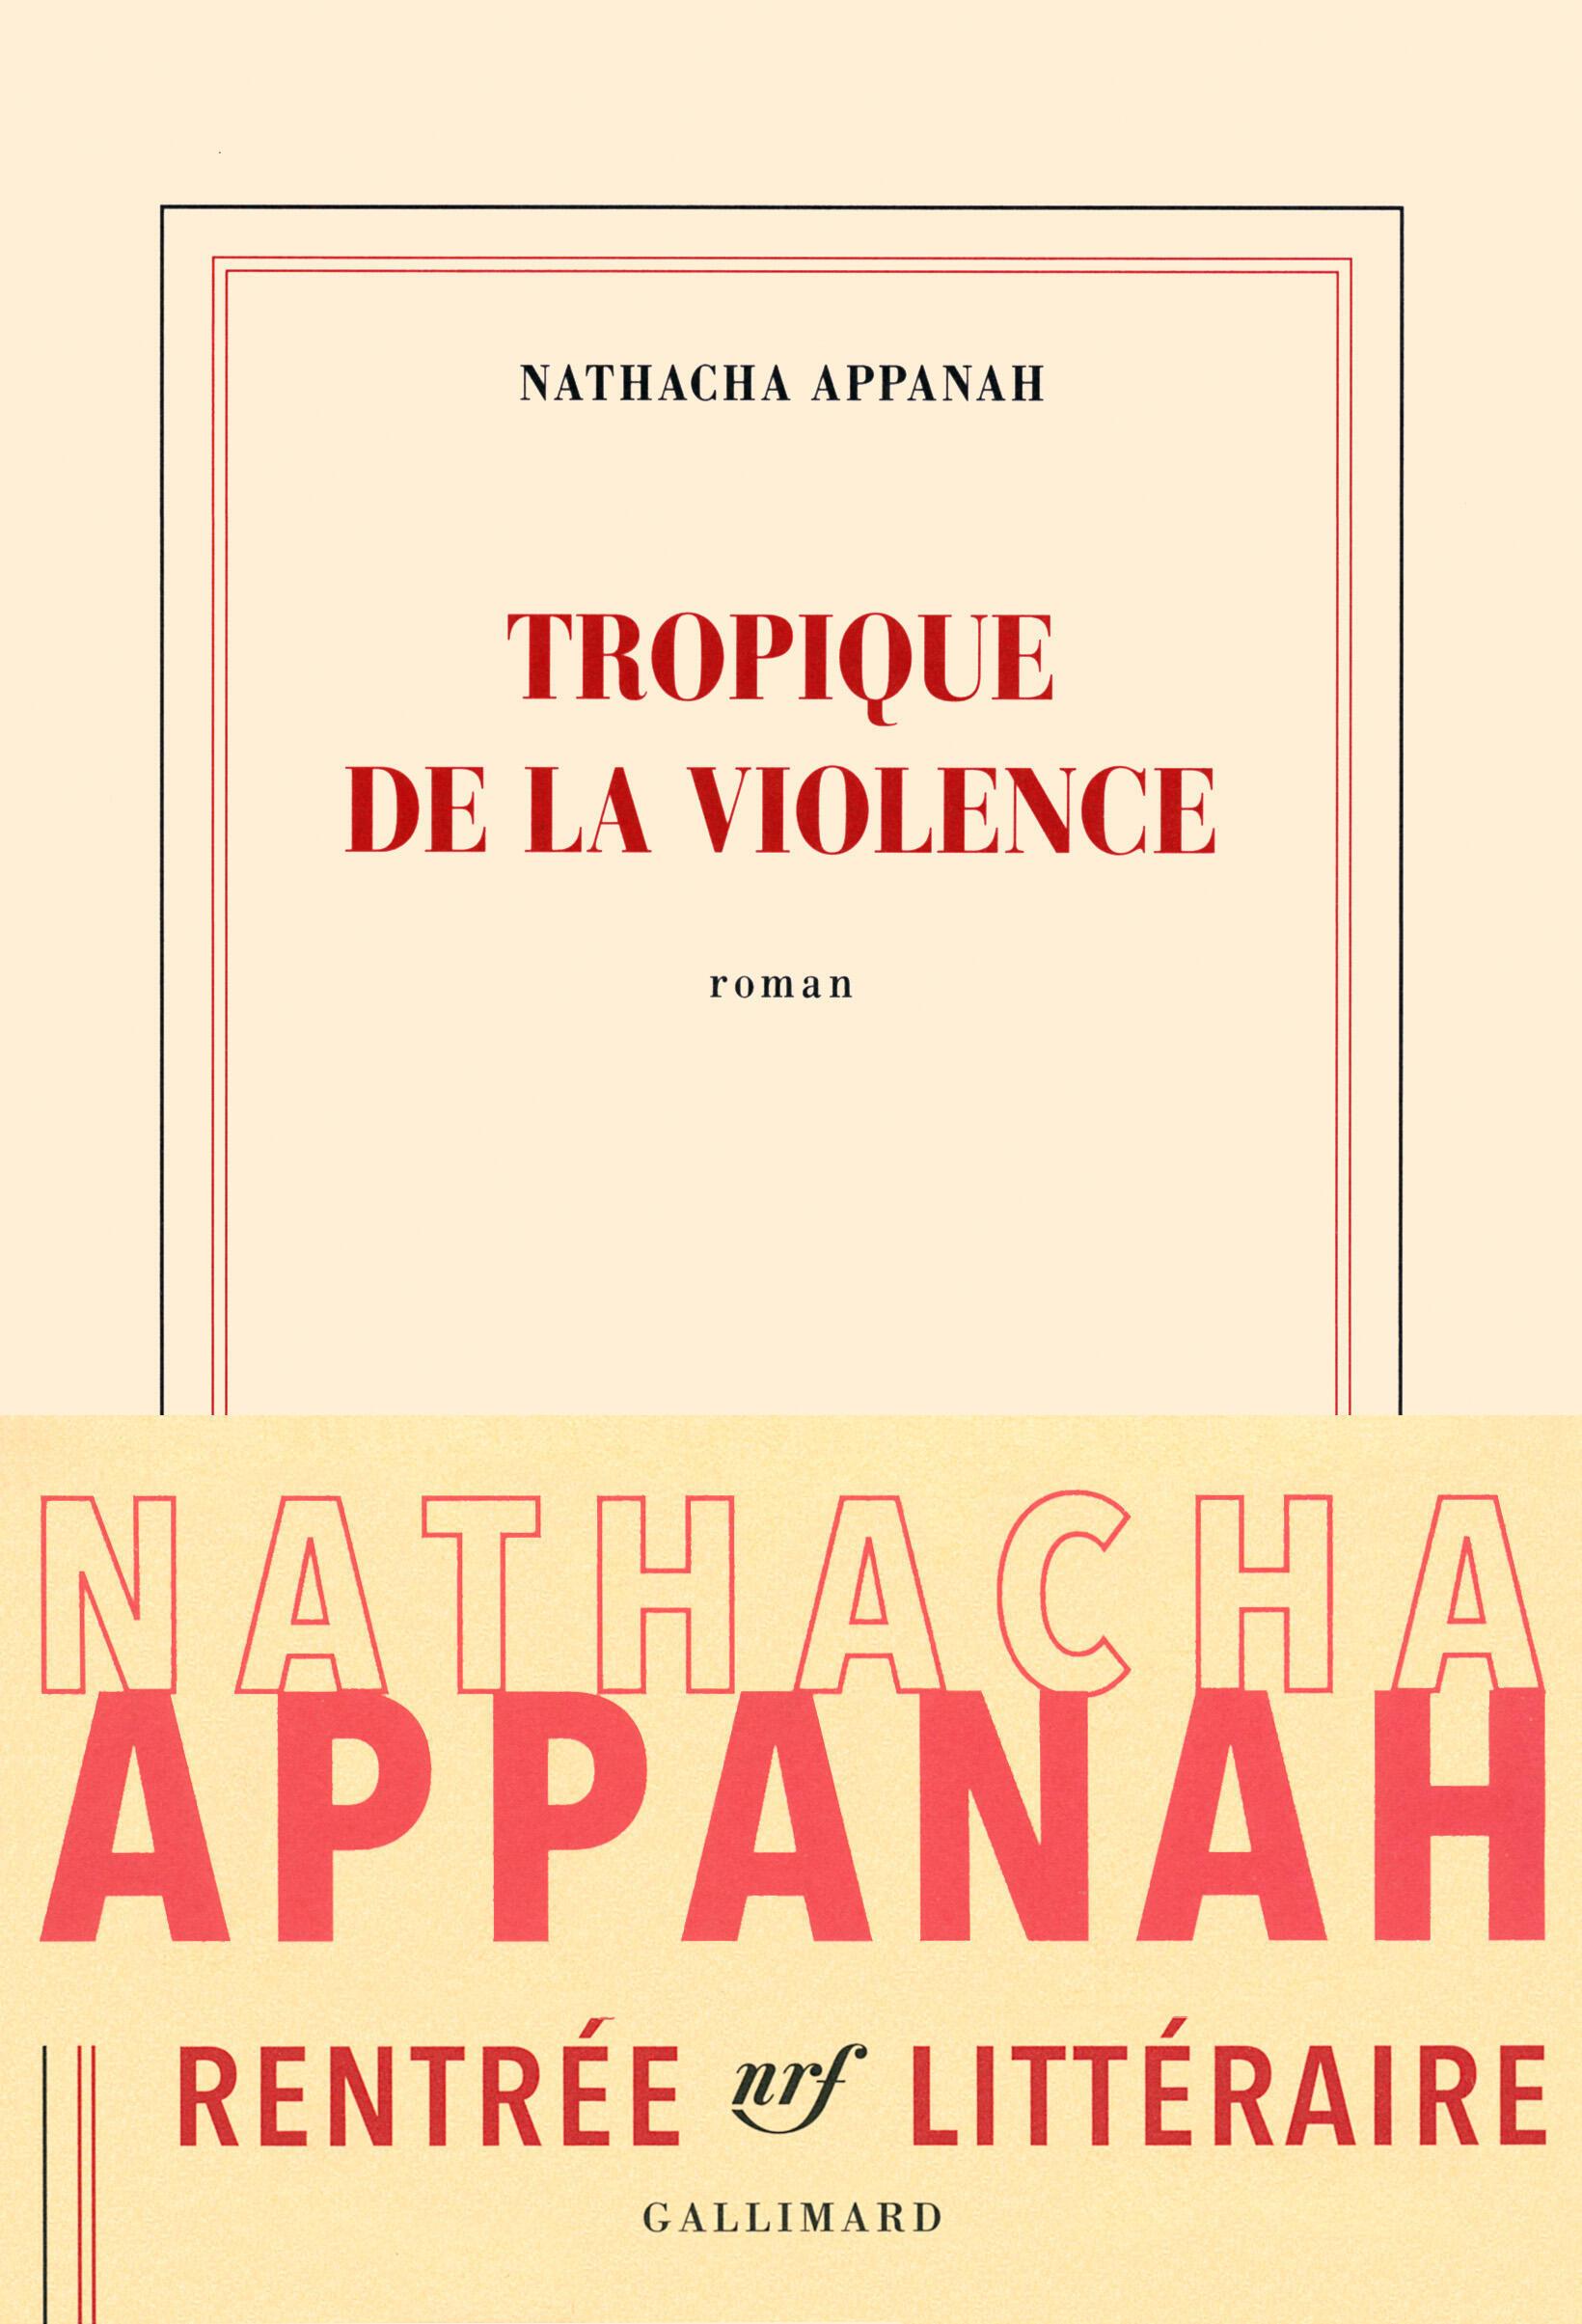 «Tropique de la violence», roman de Nathacha Appanah.